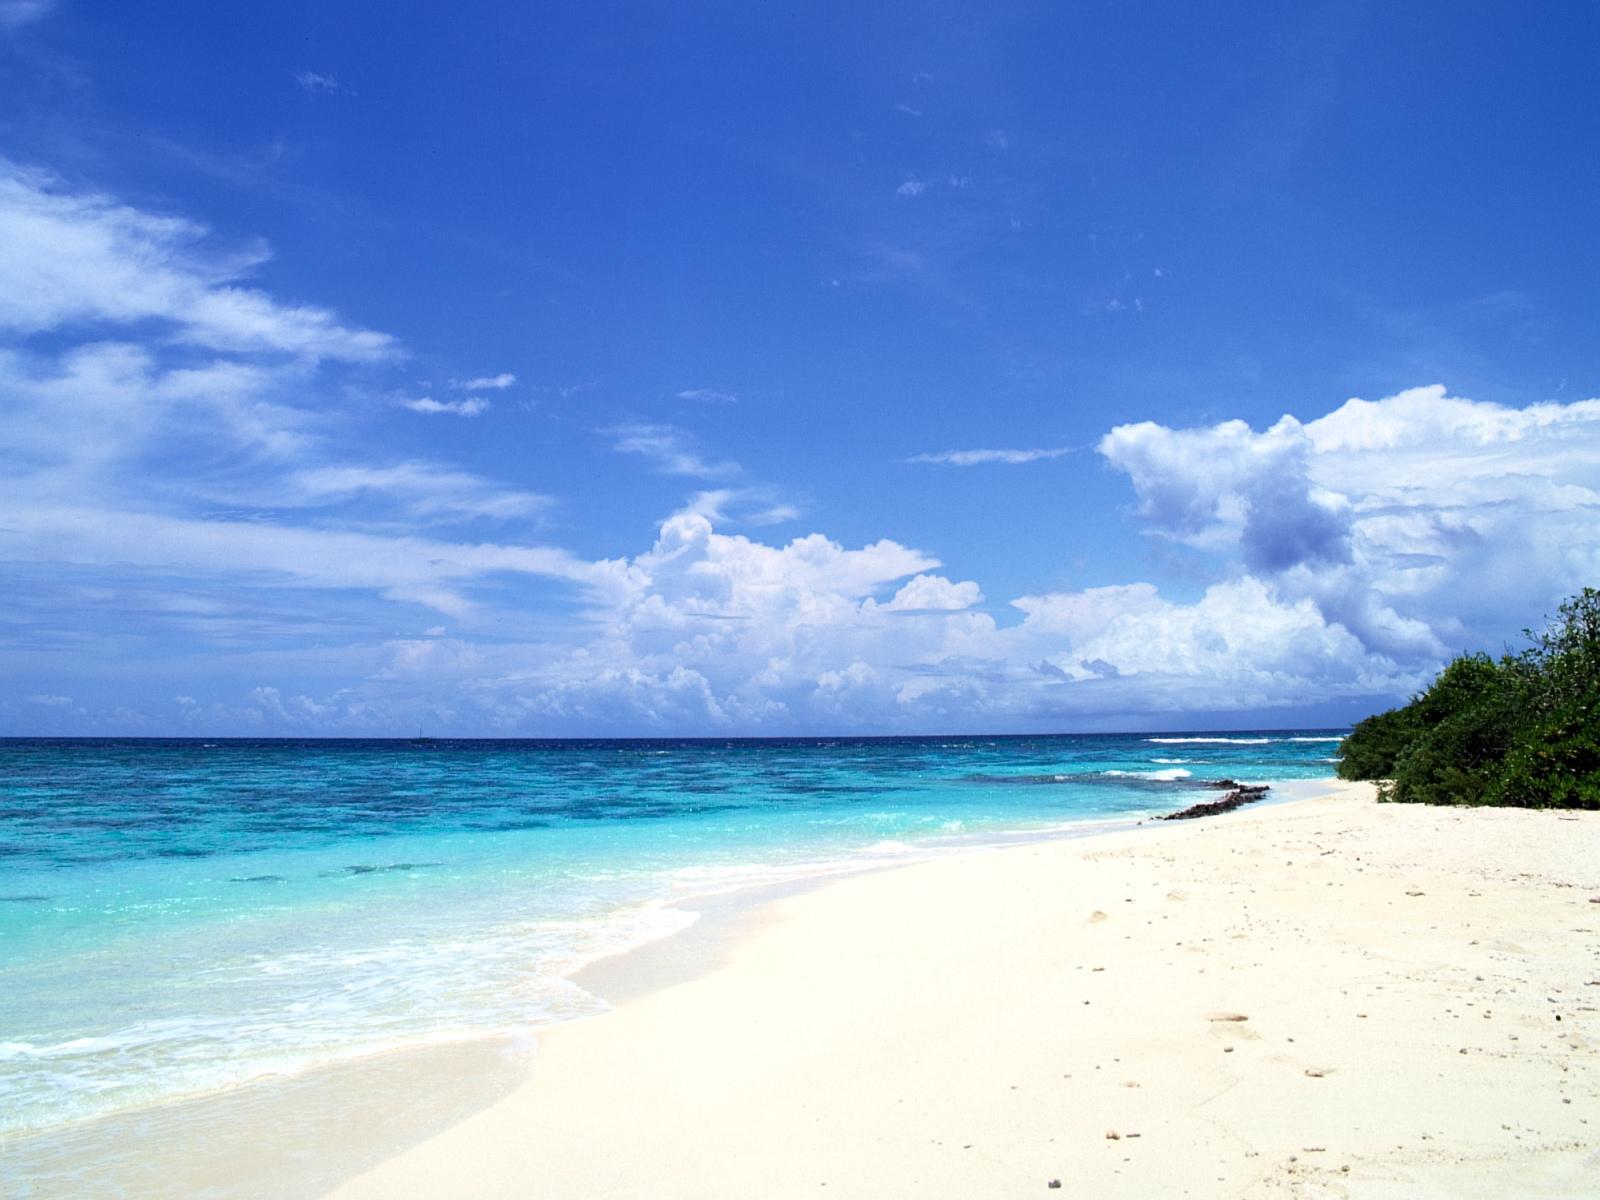 пляж, морское побережье, песок, скачать фото